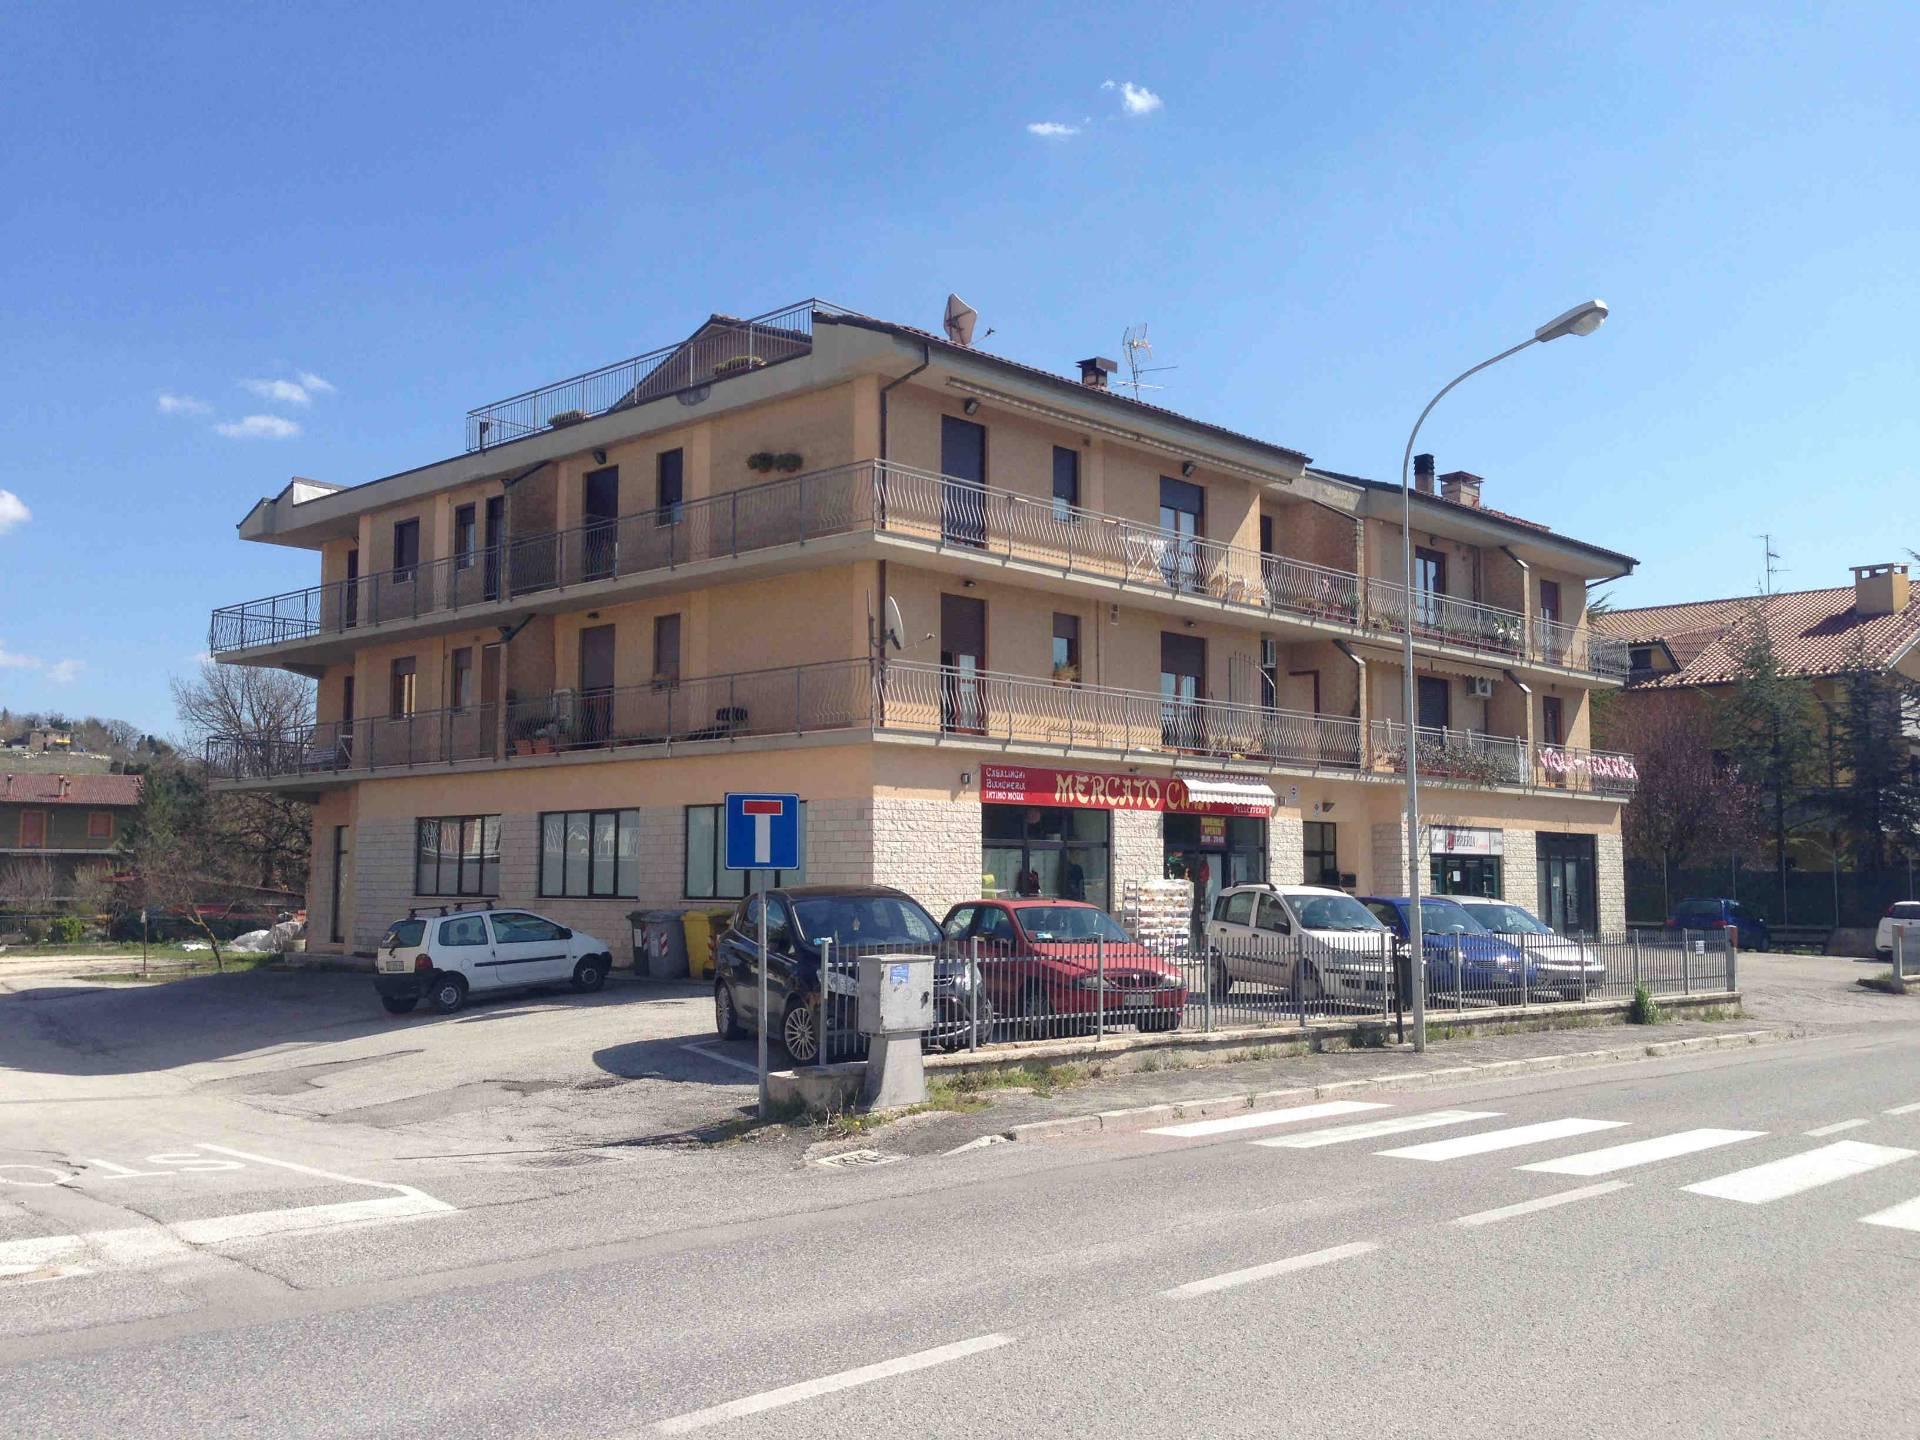 Appartamento in vendita a Sassoferrato, 7 locali, Trattative riservate | CambioCasa.it